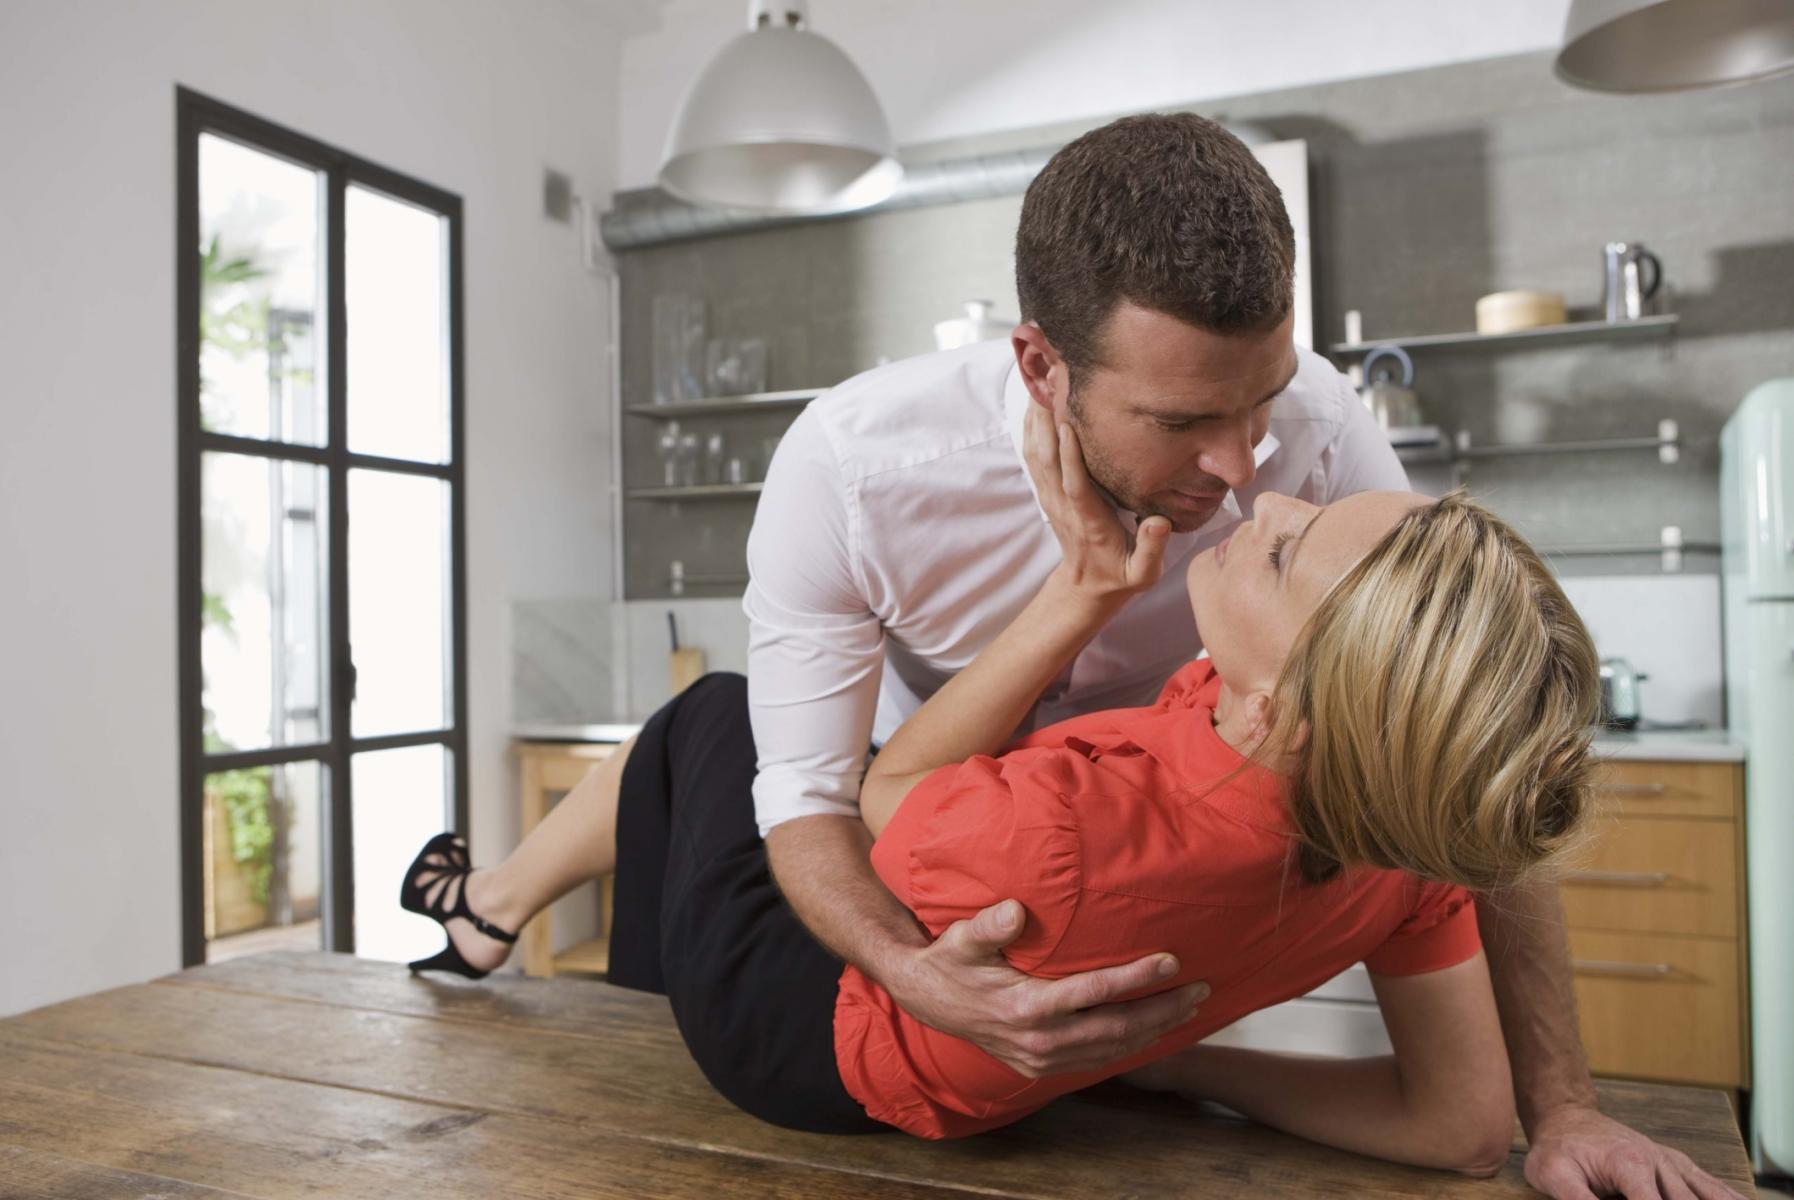 Секс в шефам, Секс с секретаршами - качественное бесплатное порно 6 фотография